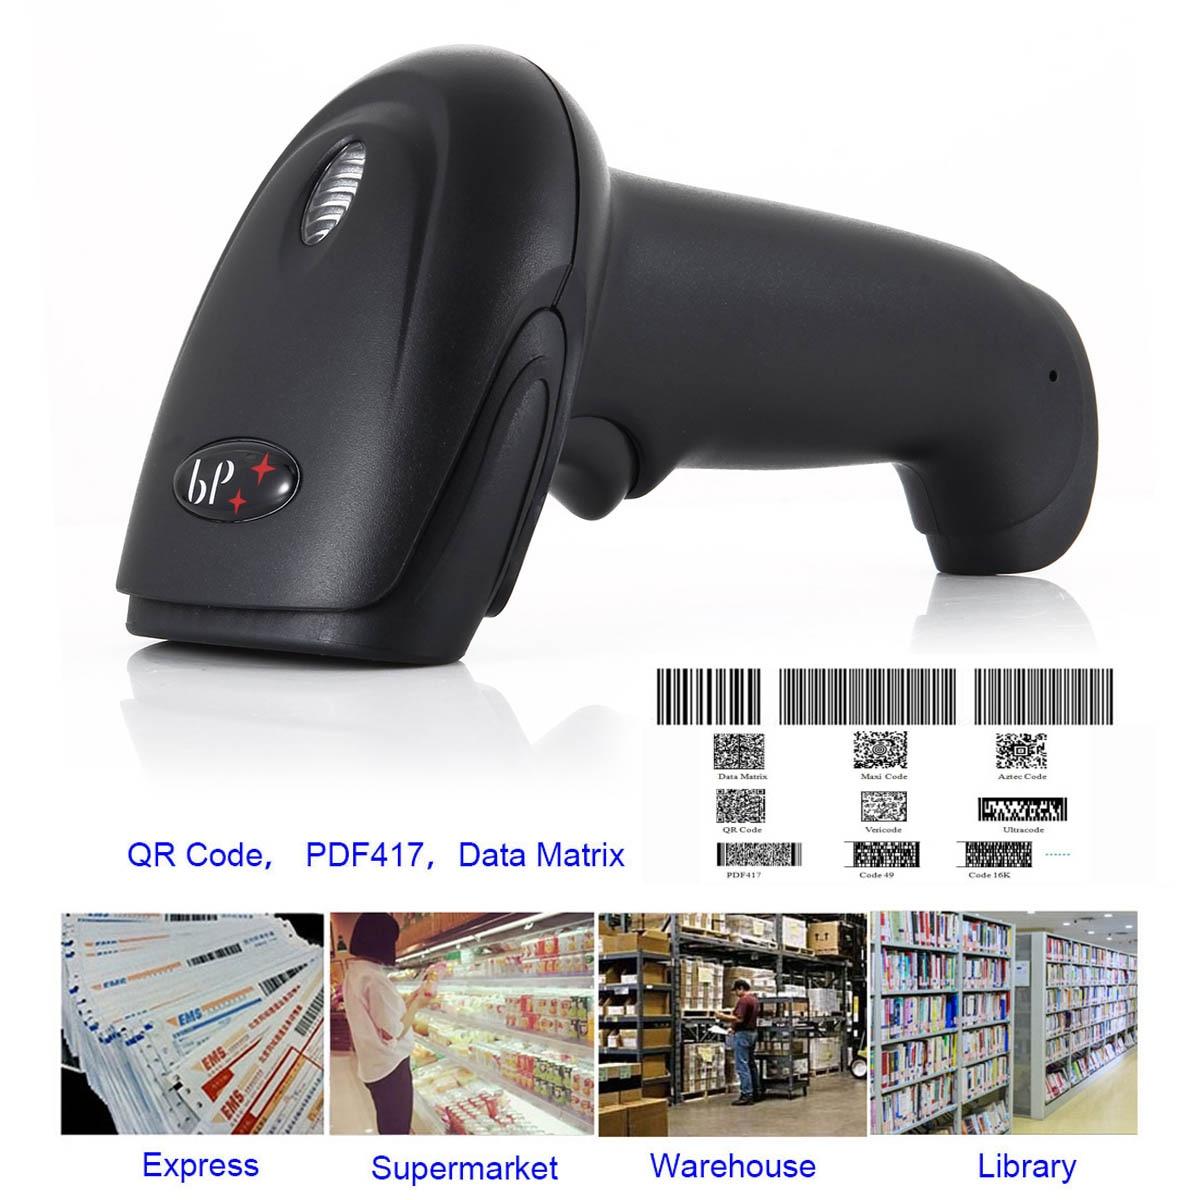 Универсальный Беспроводной сканер штрих Long Range ручной USB Проводная Перезаряжаемые супермаркет беспроводные Express Reader SL @ 88